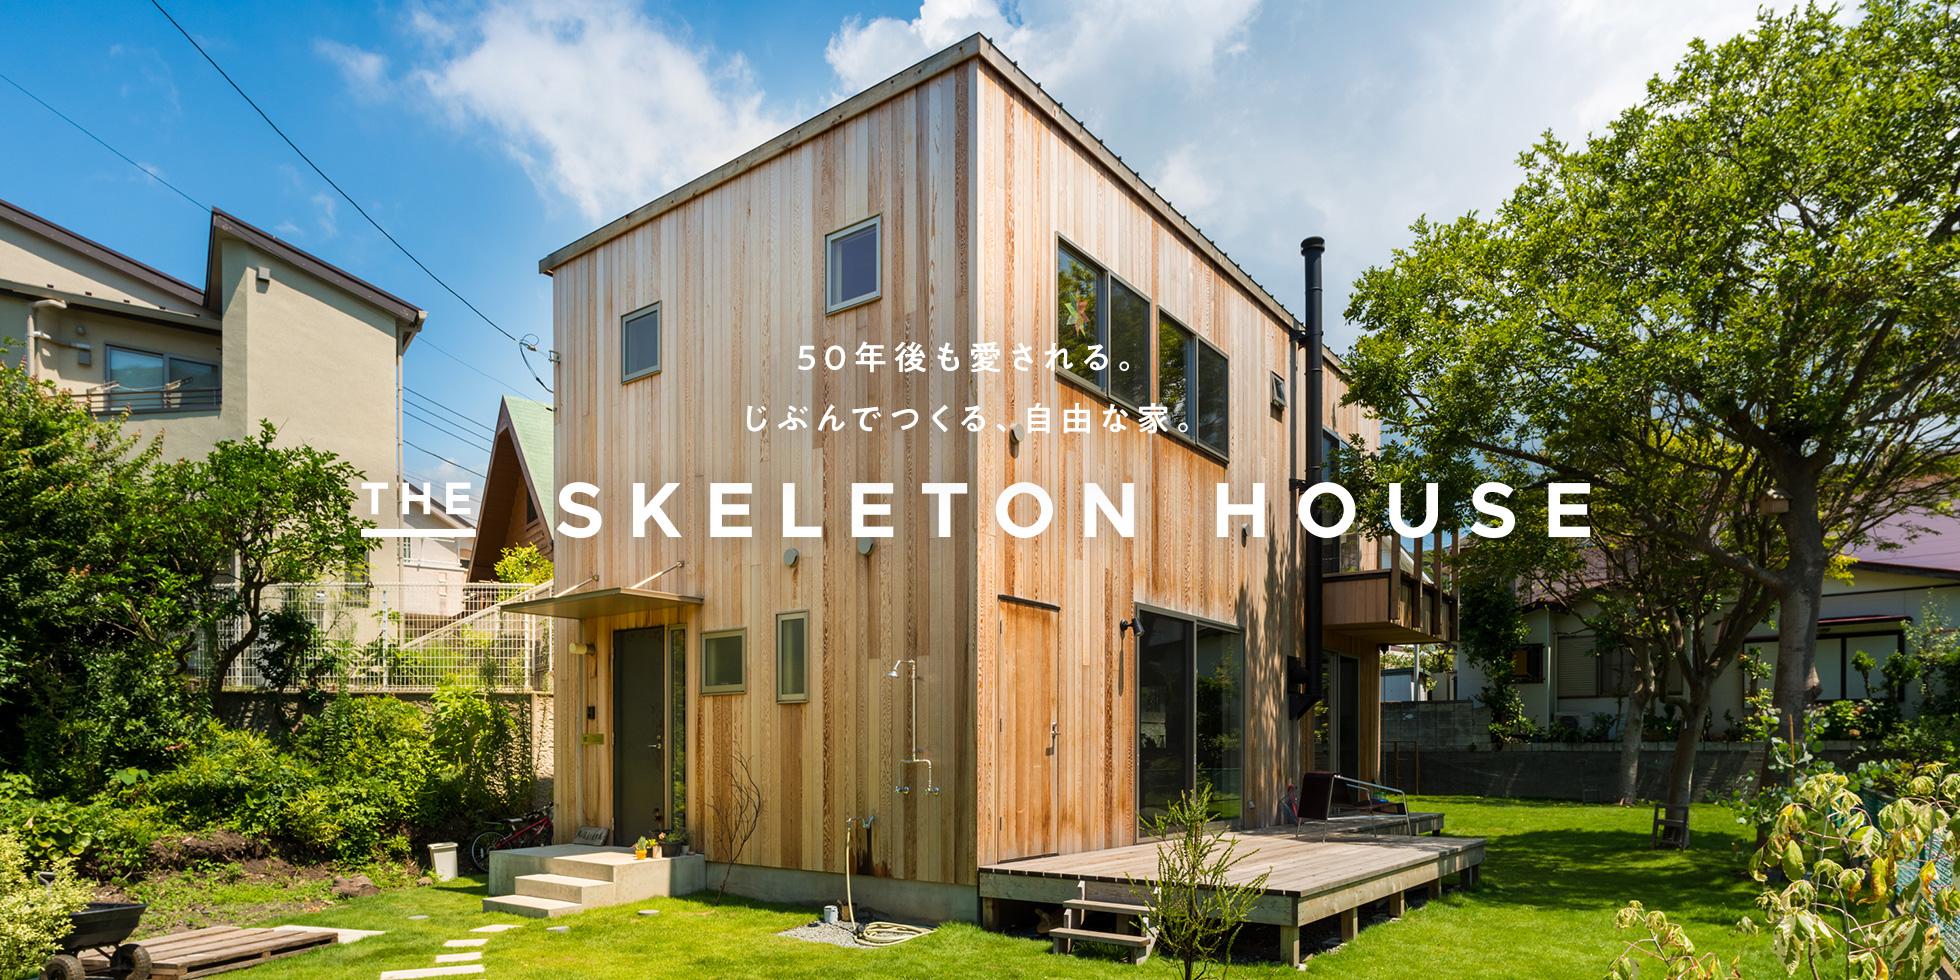 【イベント開催】自分でつくる、自由な家「スケルトンハウス」を体感しよう!【完全予約制】